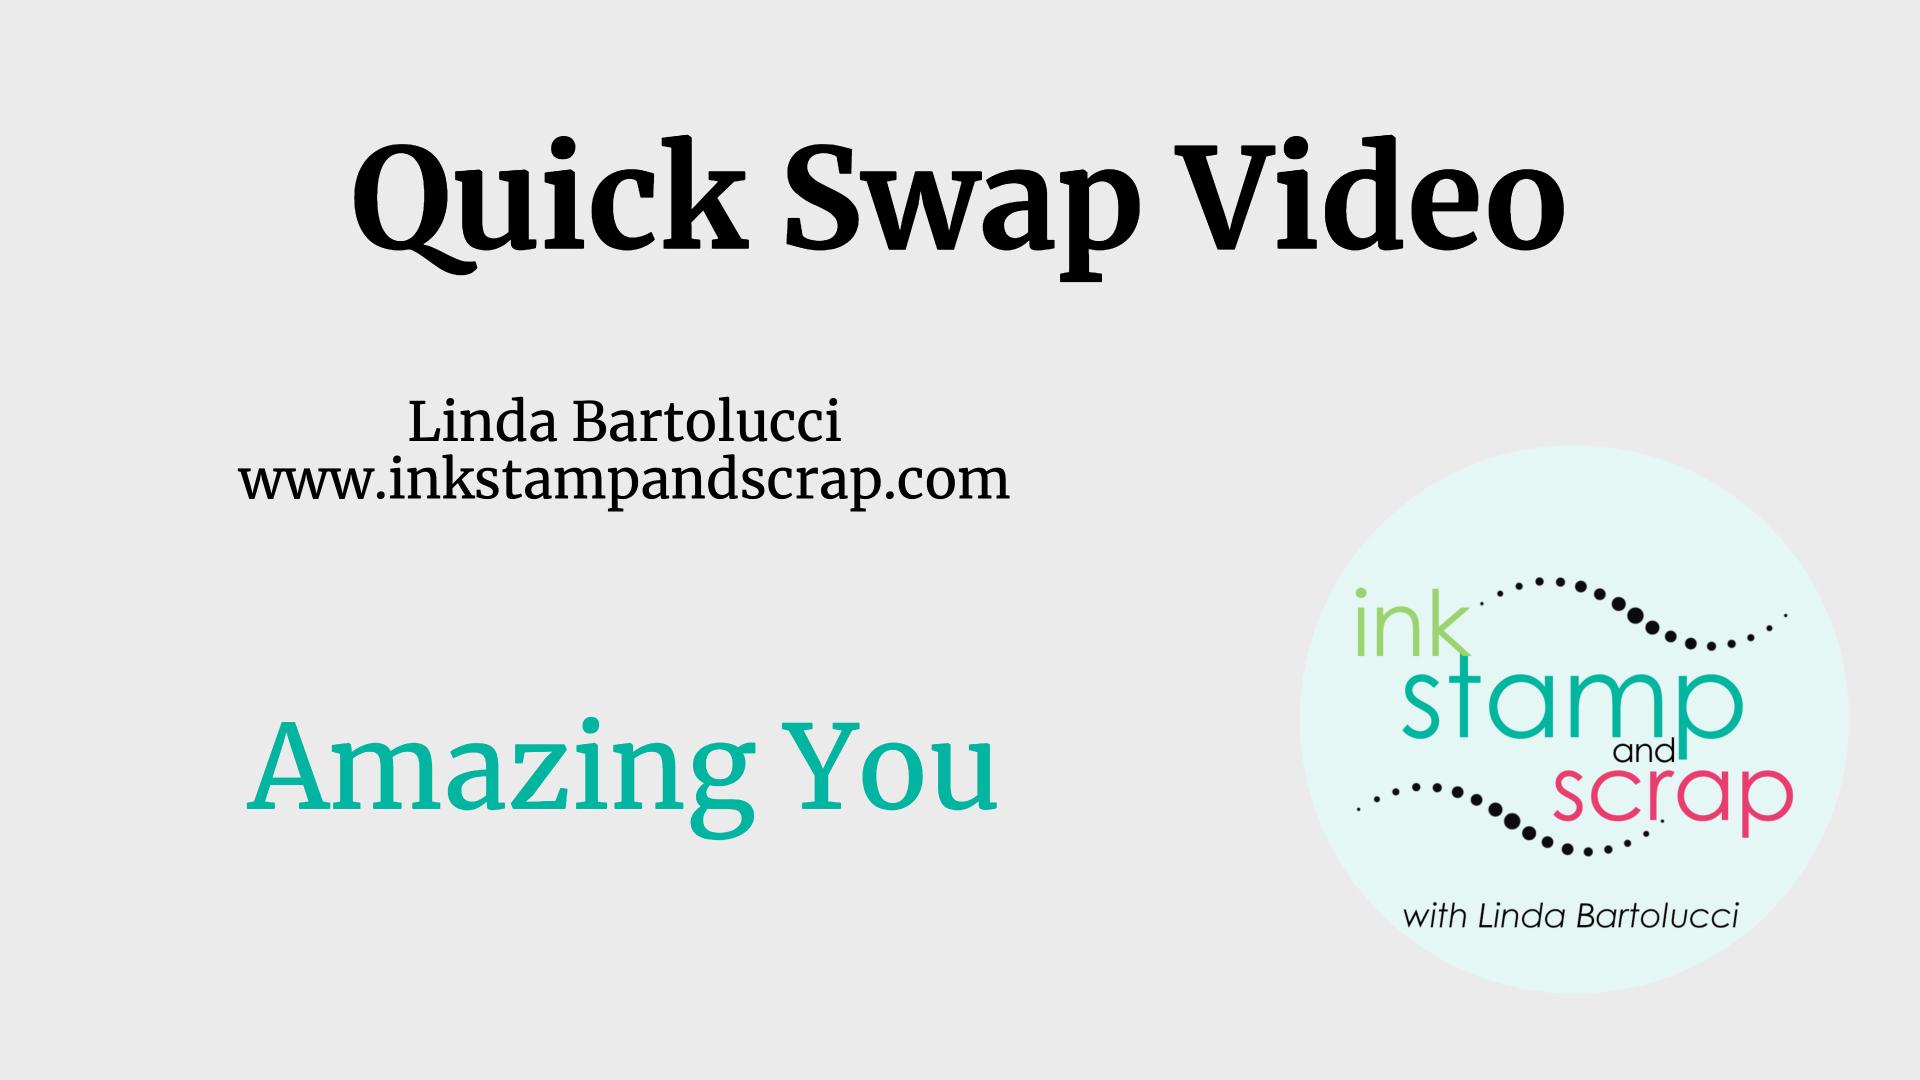 Quick Swap Video Amazing You